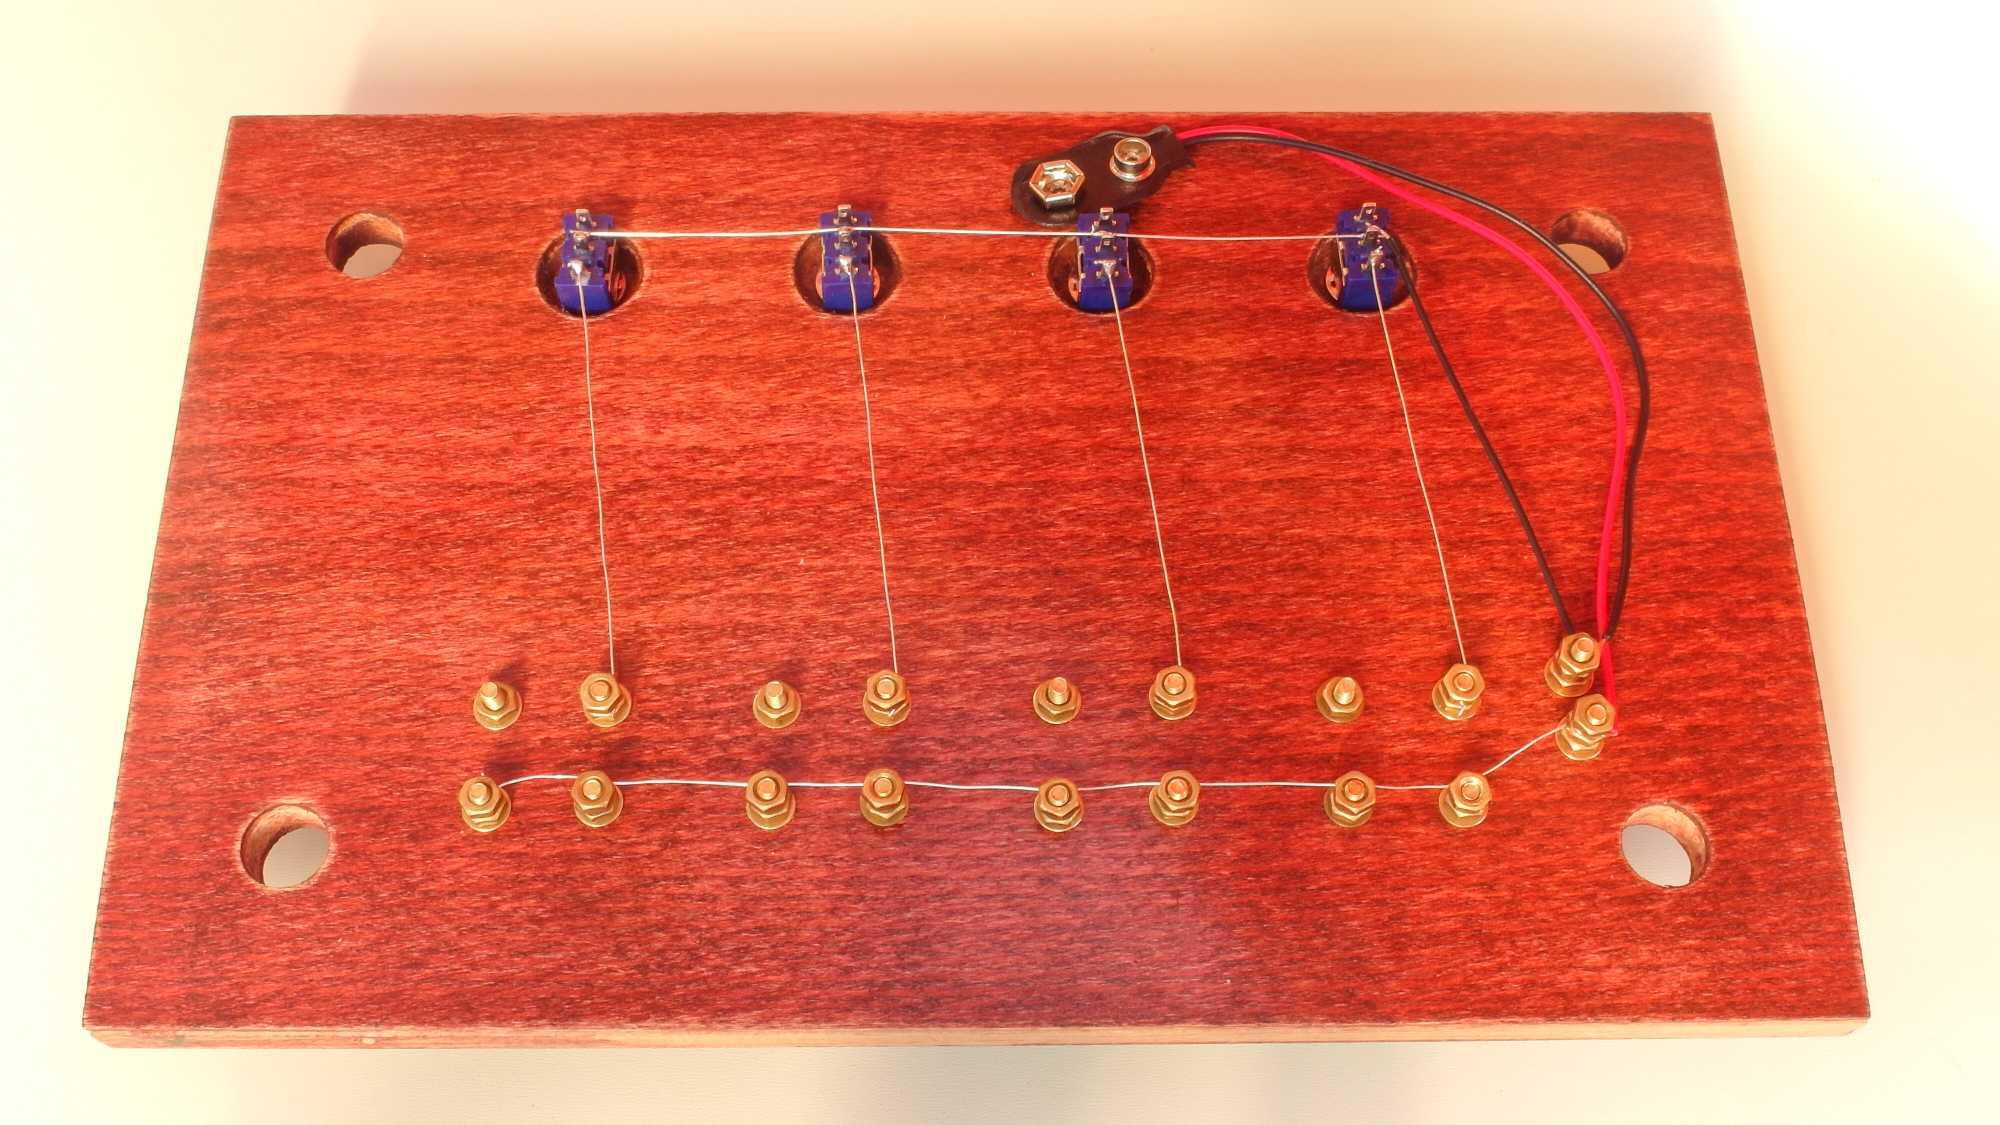 Unterseite des magischen Schaltpults: Ein Schaltkreis führt vom Batteriefach zu vier Glühbirnen-Anschlüssen, dann jeweils weiter zu vier Schaltern und zurück zur Batterie.